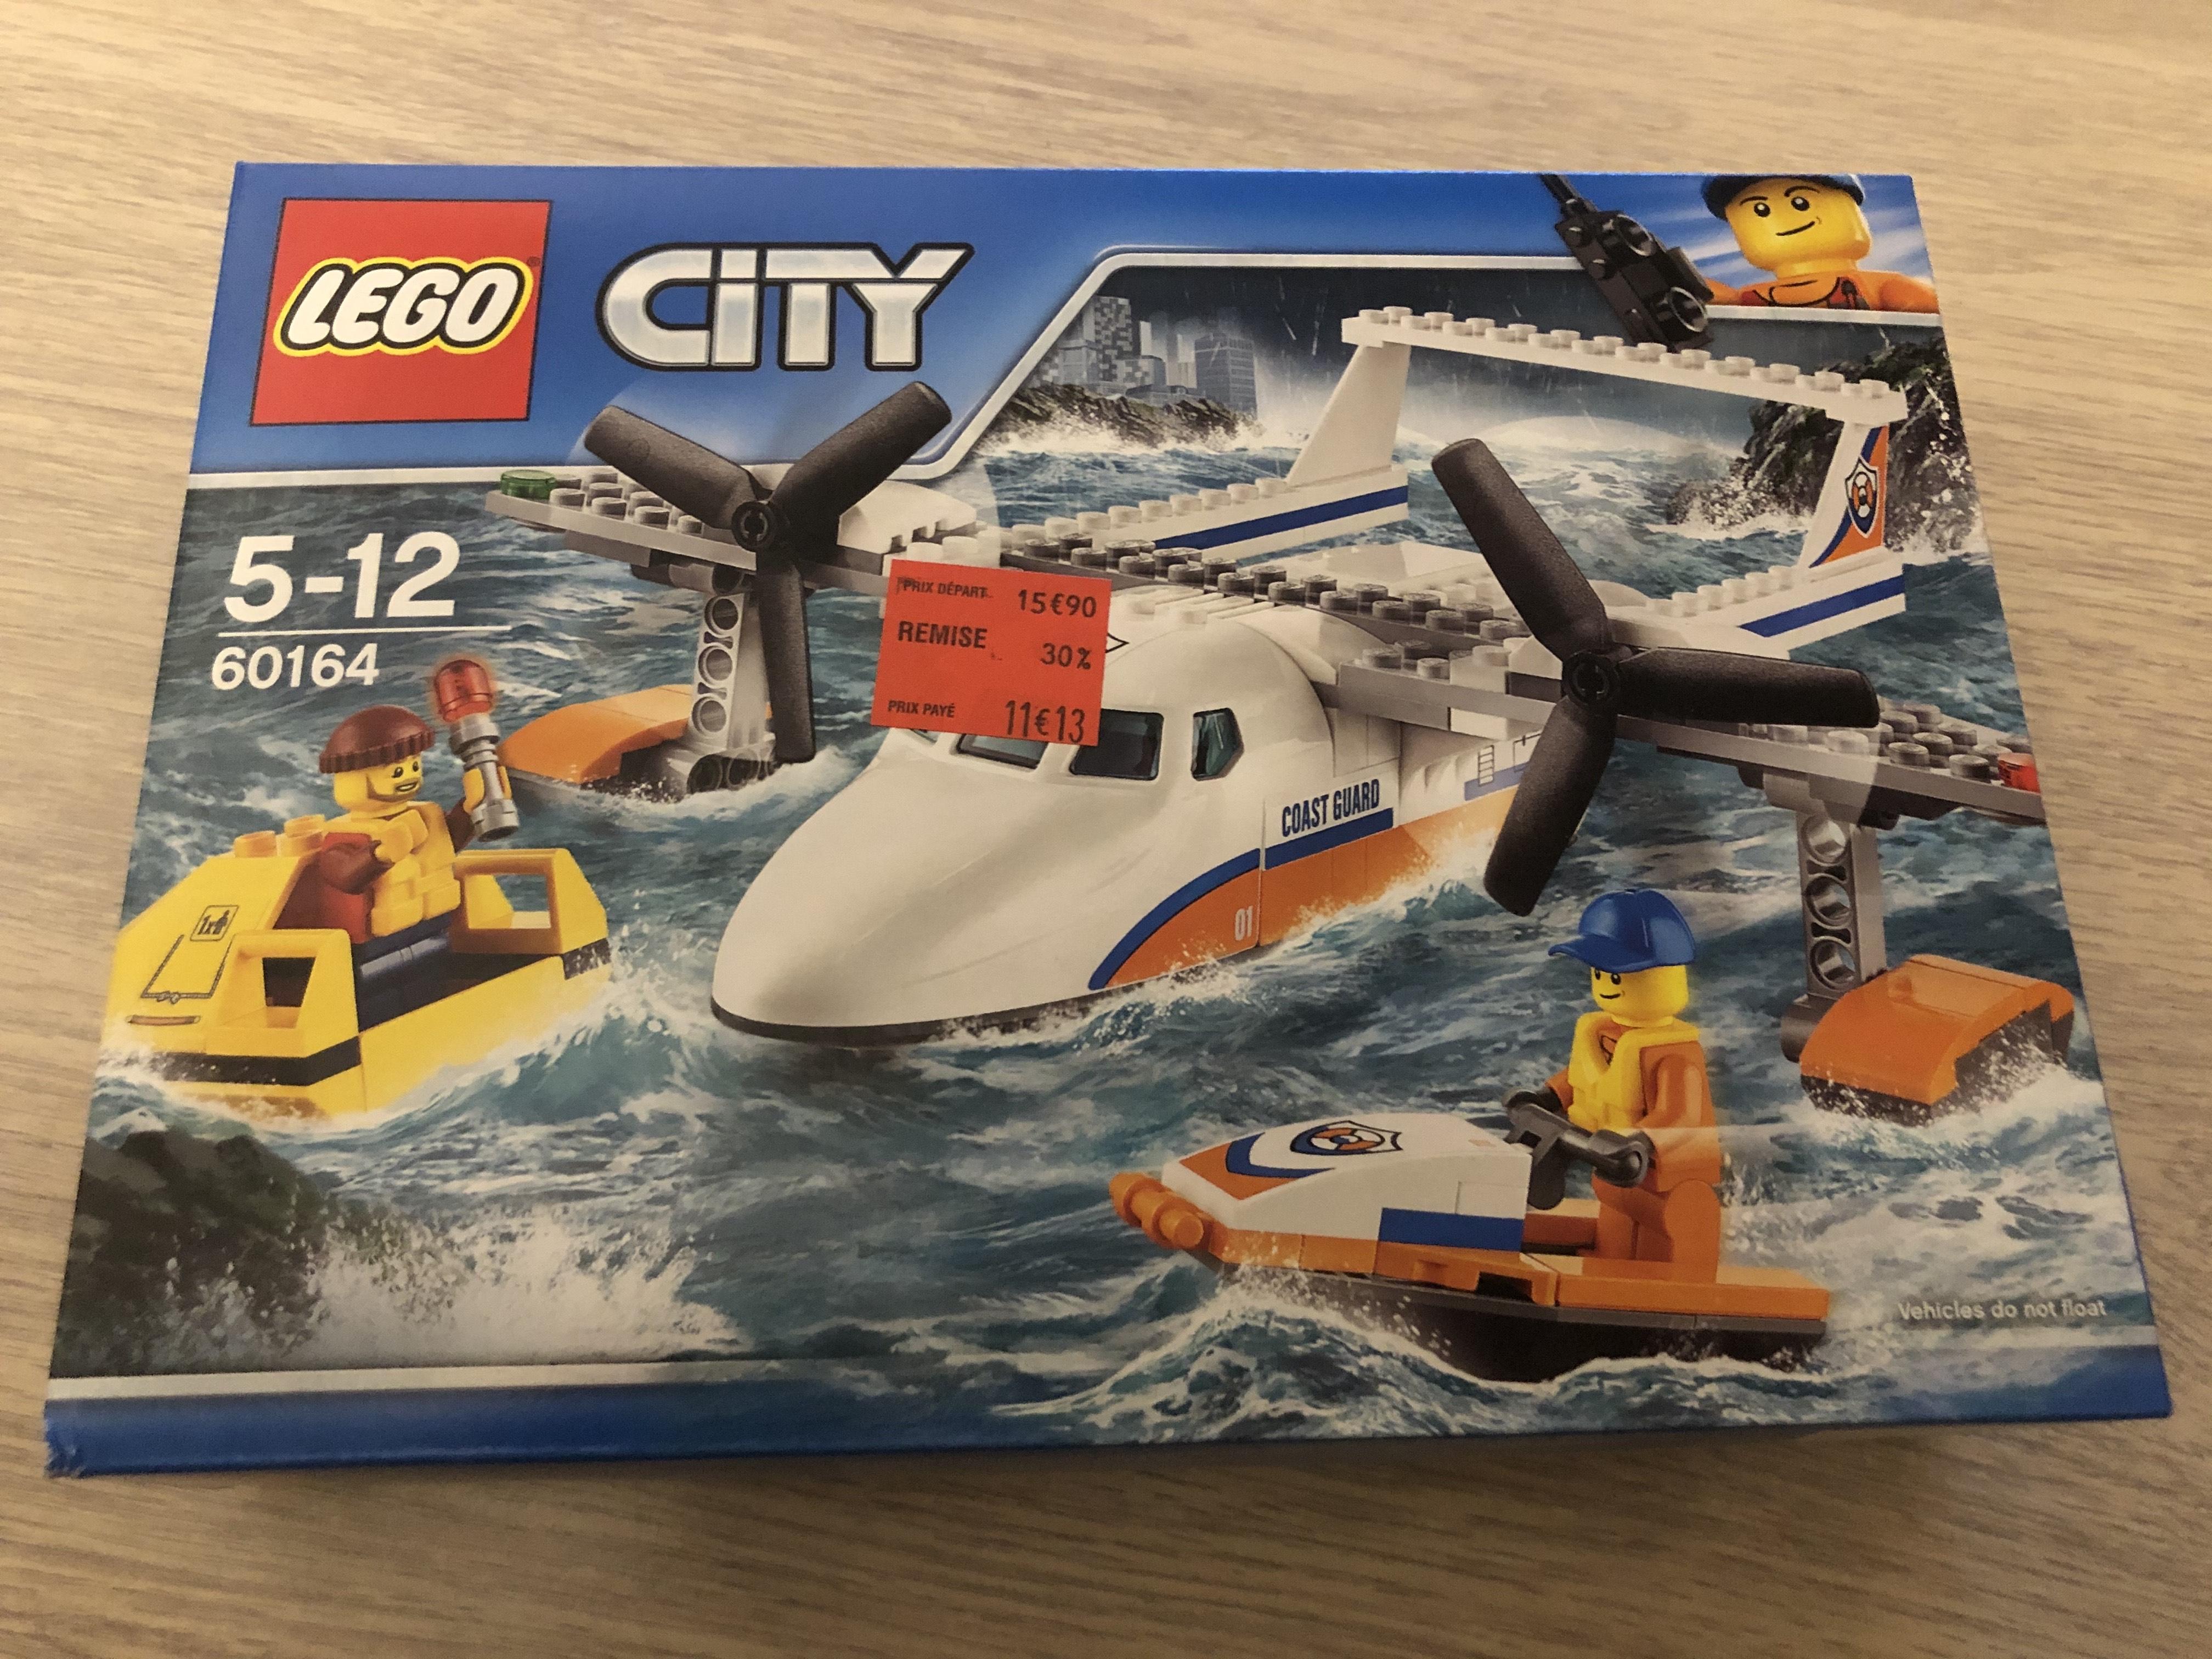 Jouet Lego City L'hydravion de secours en mer 60164 - Centre sud (72)